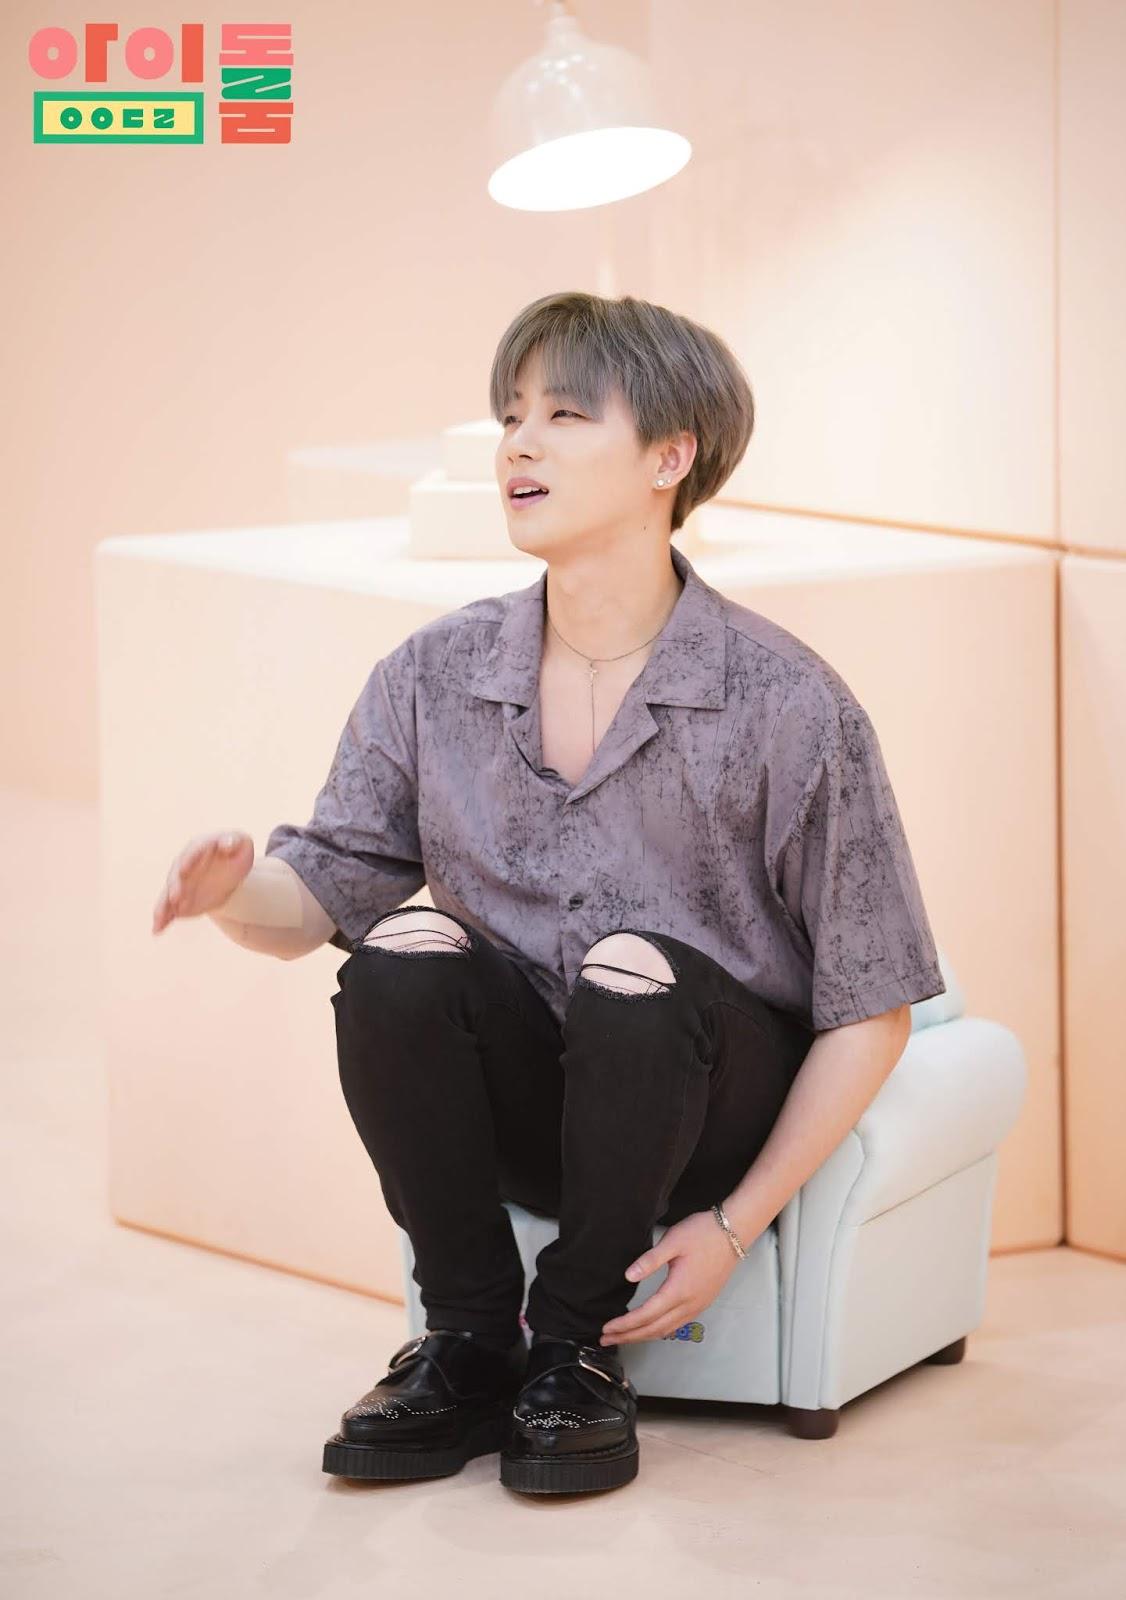 ENG] JTBC Chodit s někým Sama: GOT7 Jackson Náhled.